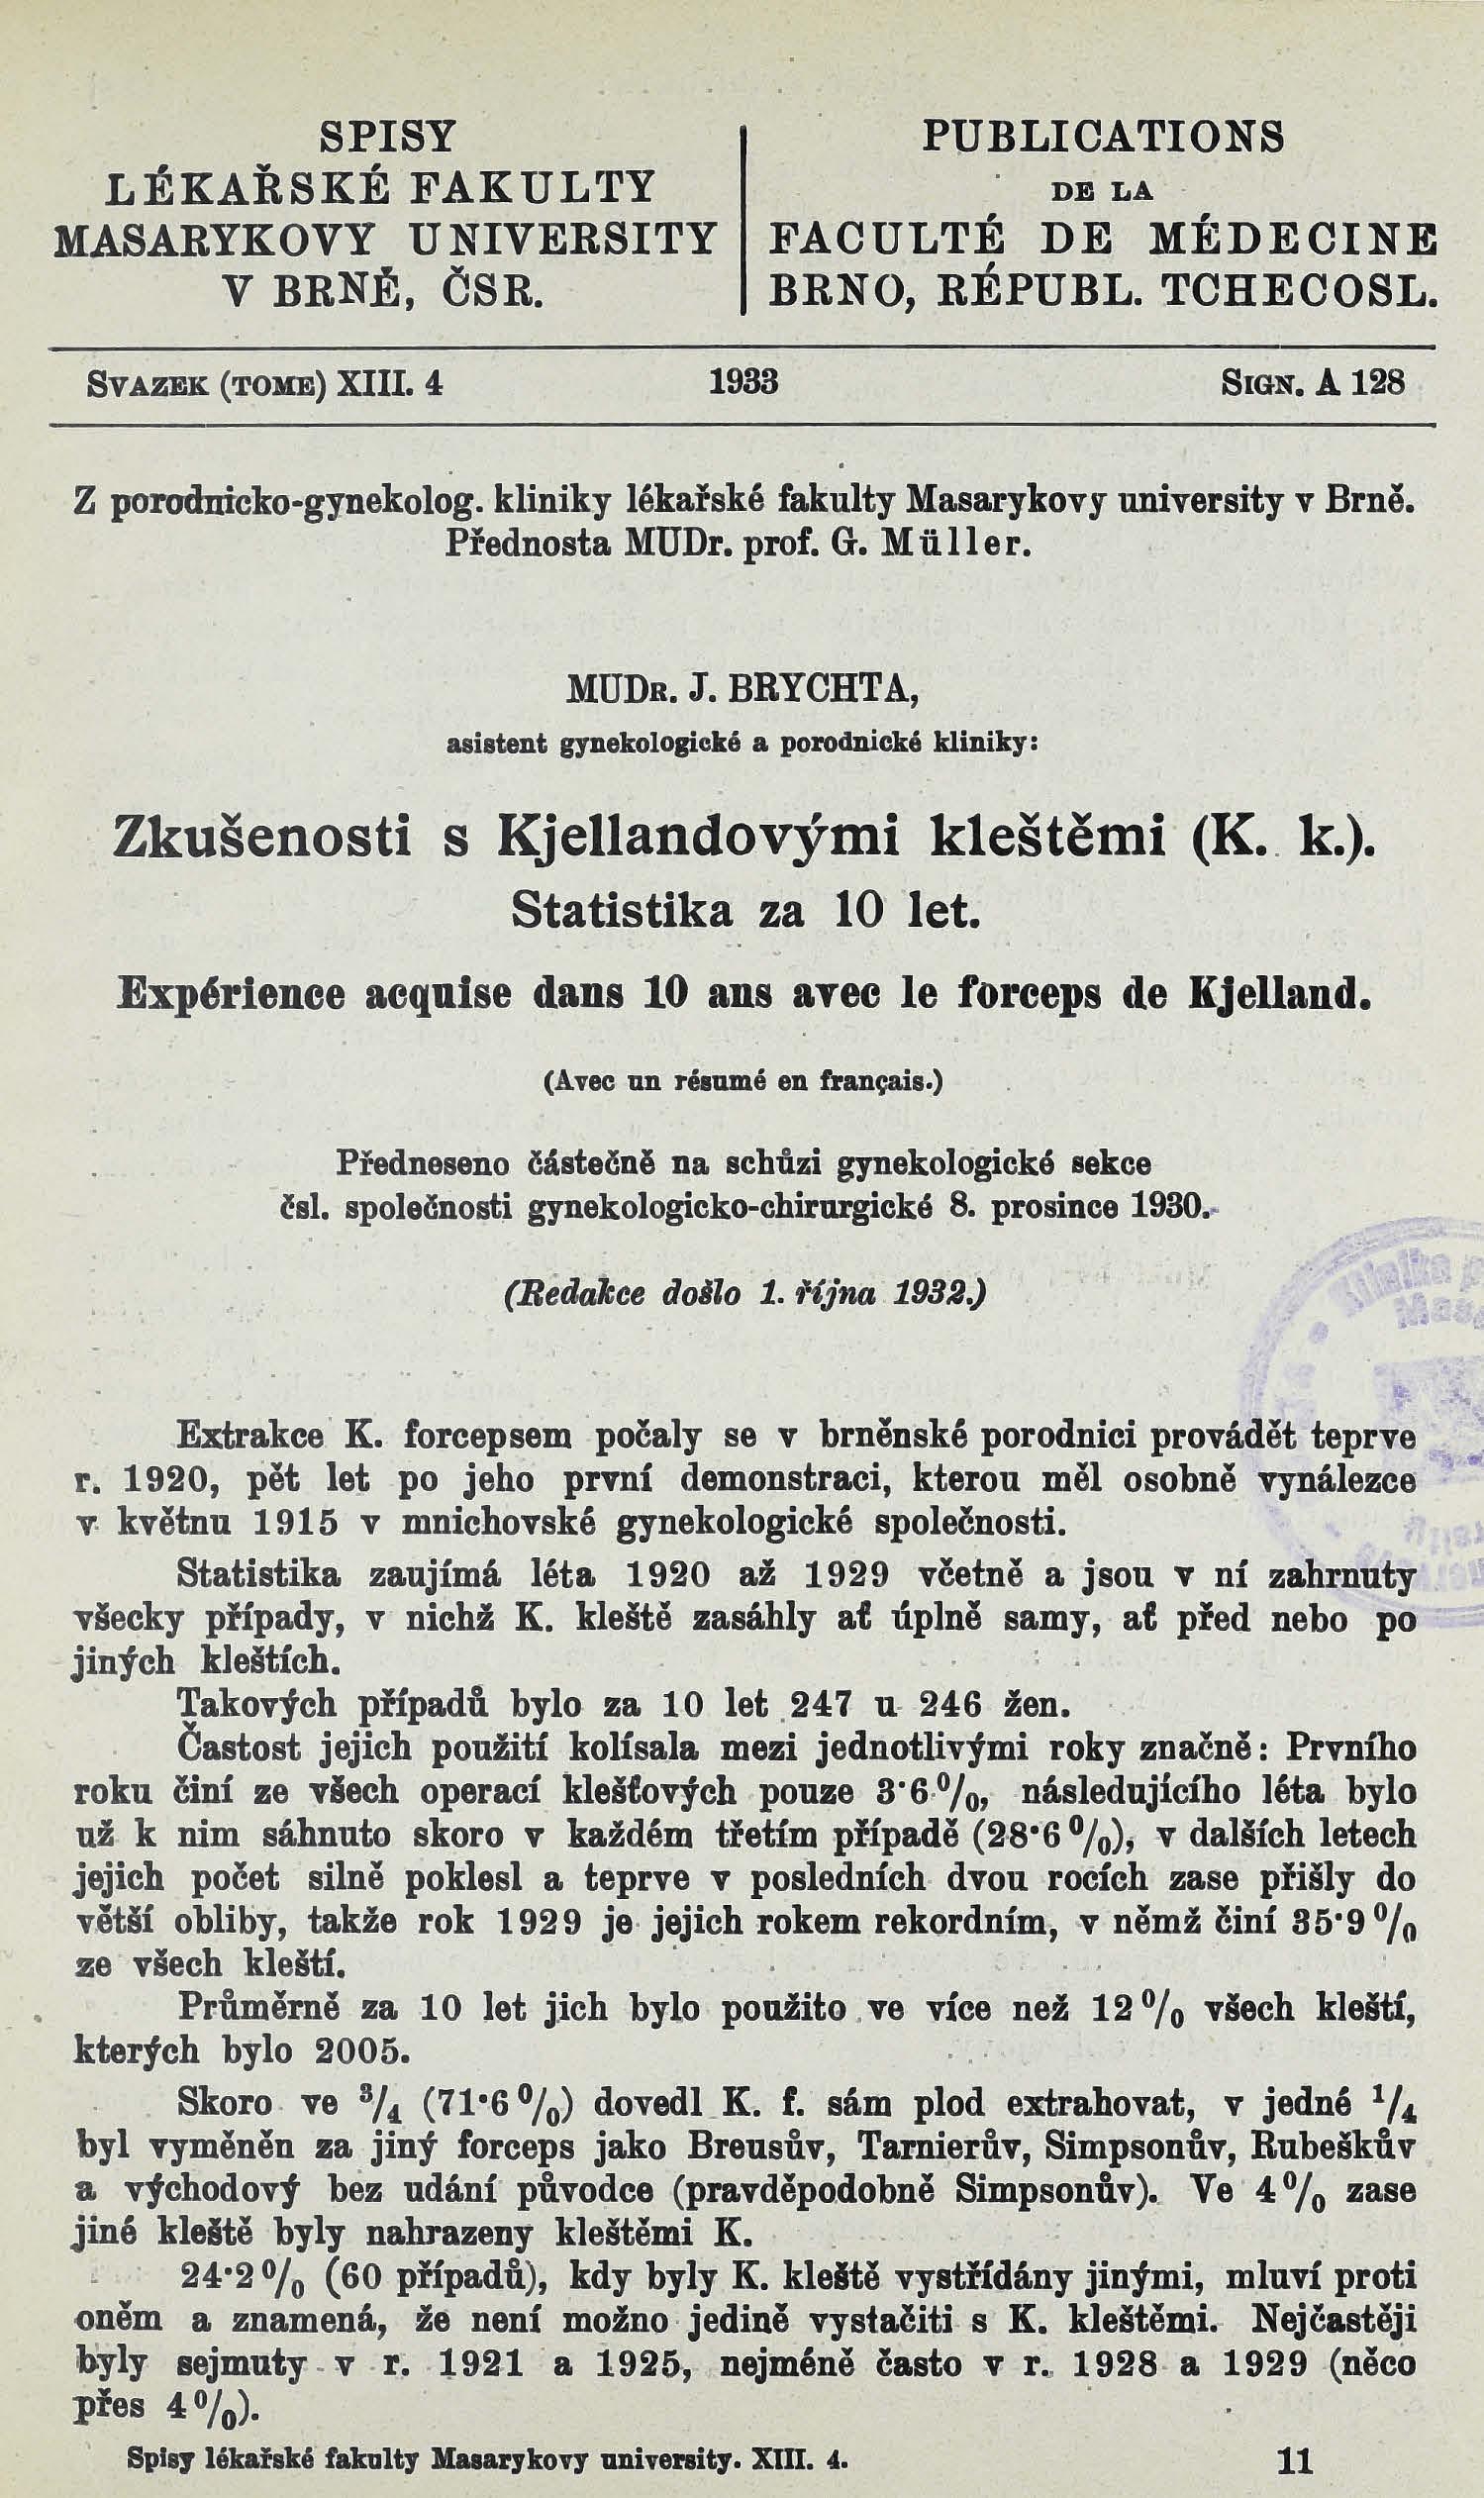 Obálka pro Zkušenosti s Kjellandovými kleštěmi (K. k.) / Expérience acquise dans 10 ans avec le forceps de Kjelland : statistika za 10 let